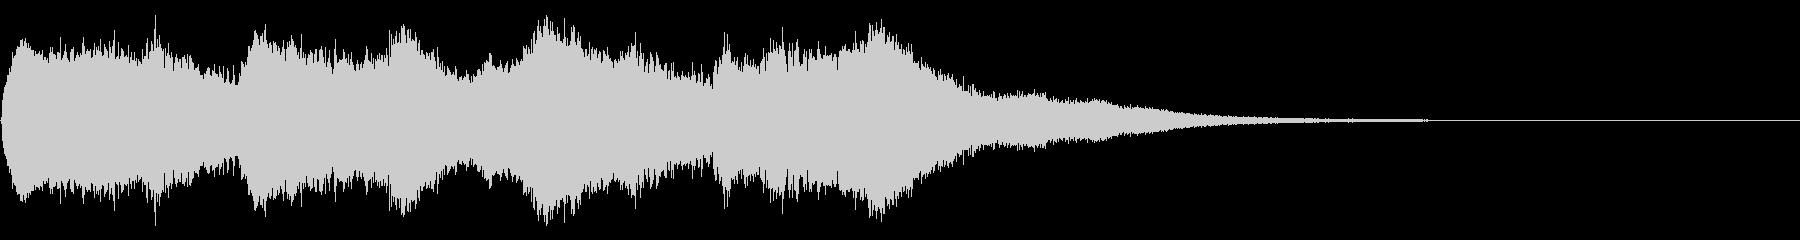 キンコンカンコン♪(町の時計台風)②の未再生の波形